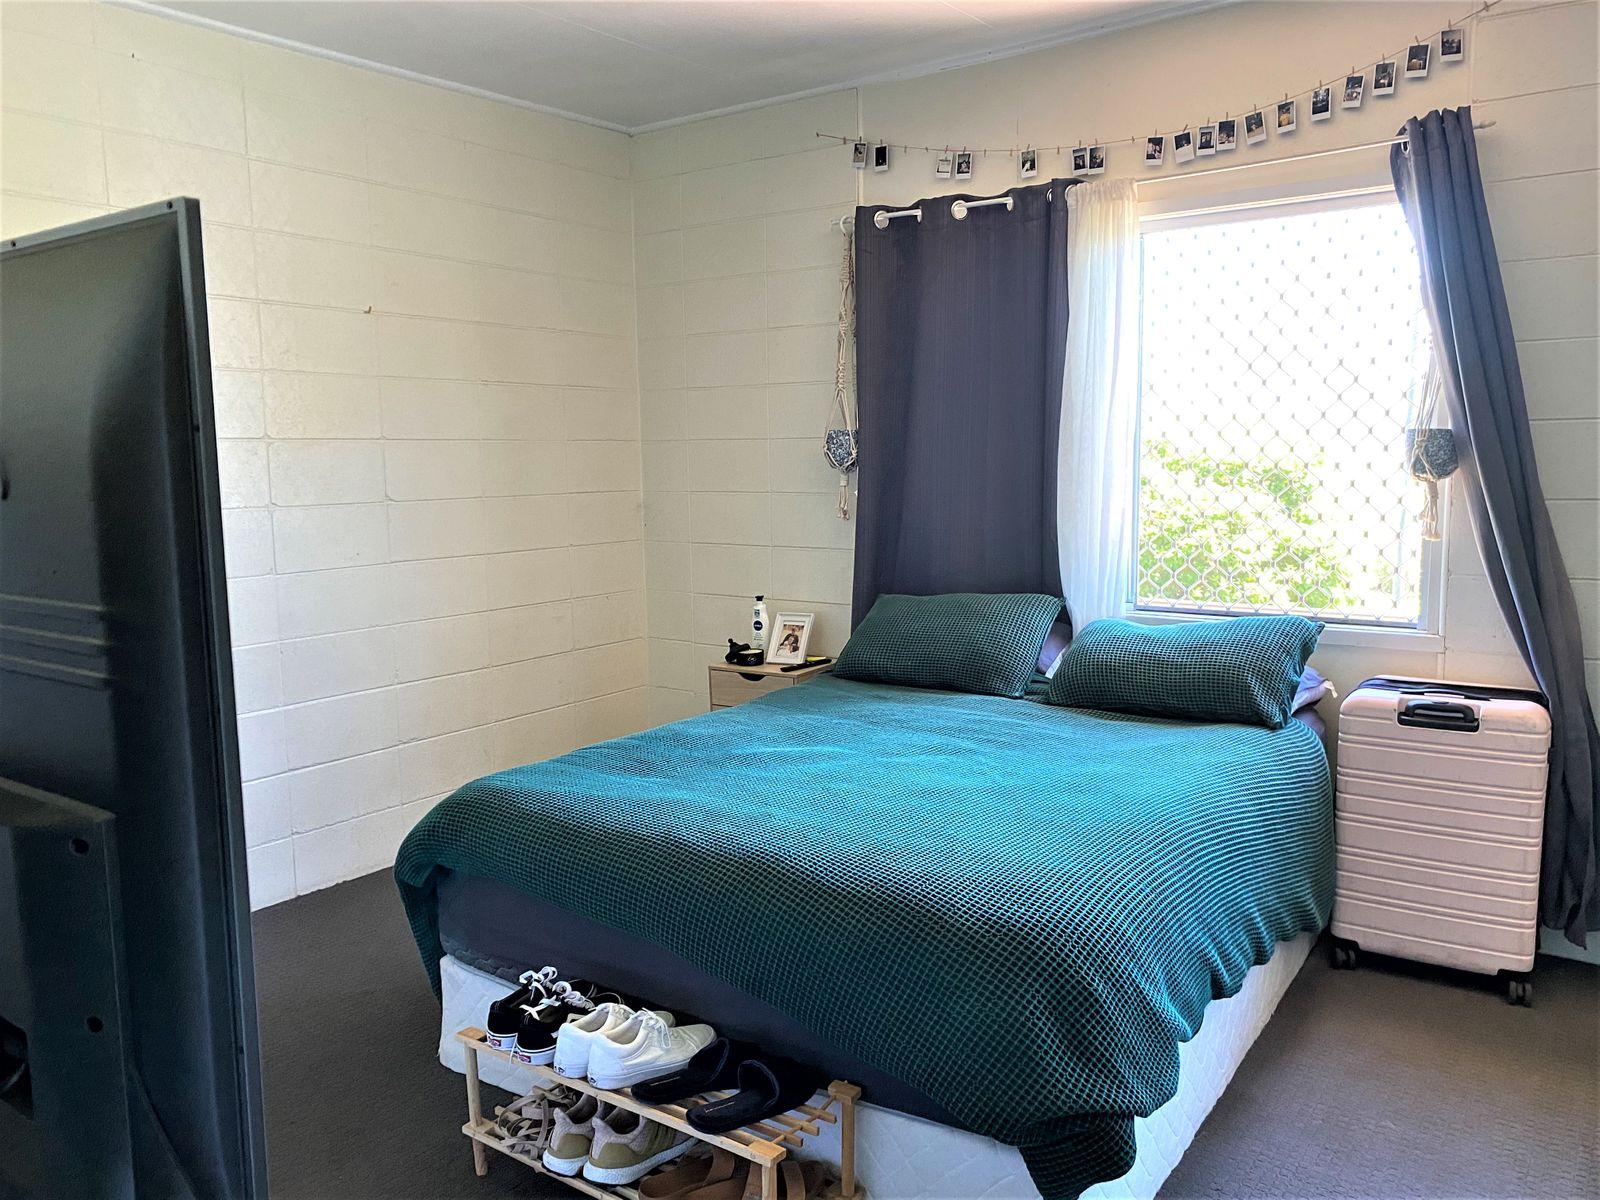 21 Atherton Street, Sarina, QLD 4737